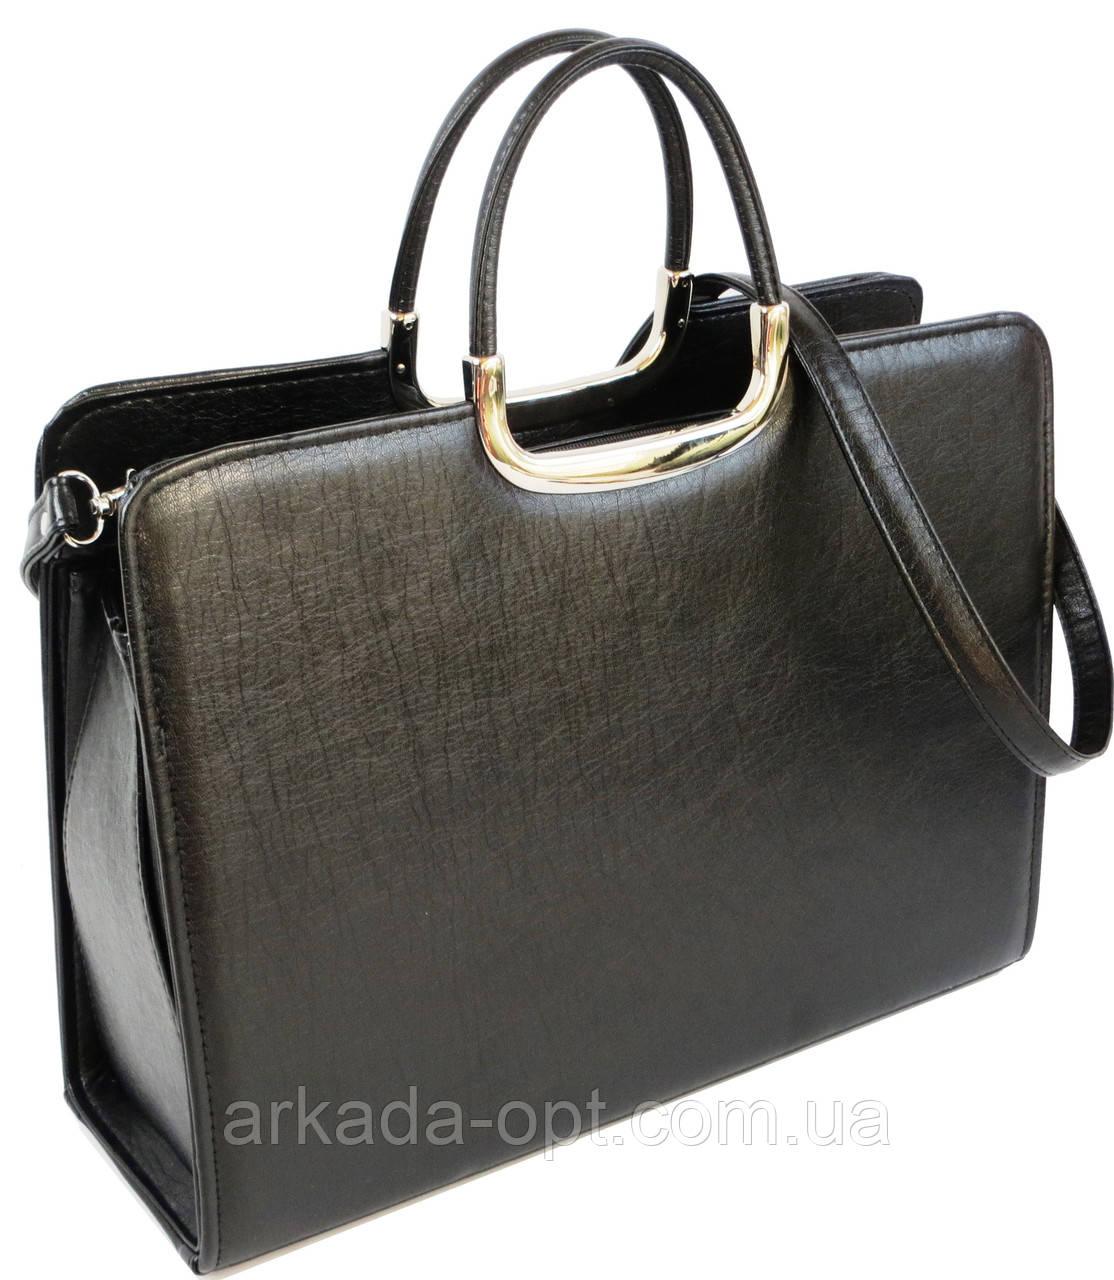 Деловой портфель женский из искусственной кожи Arwena Черный (Td008a1)